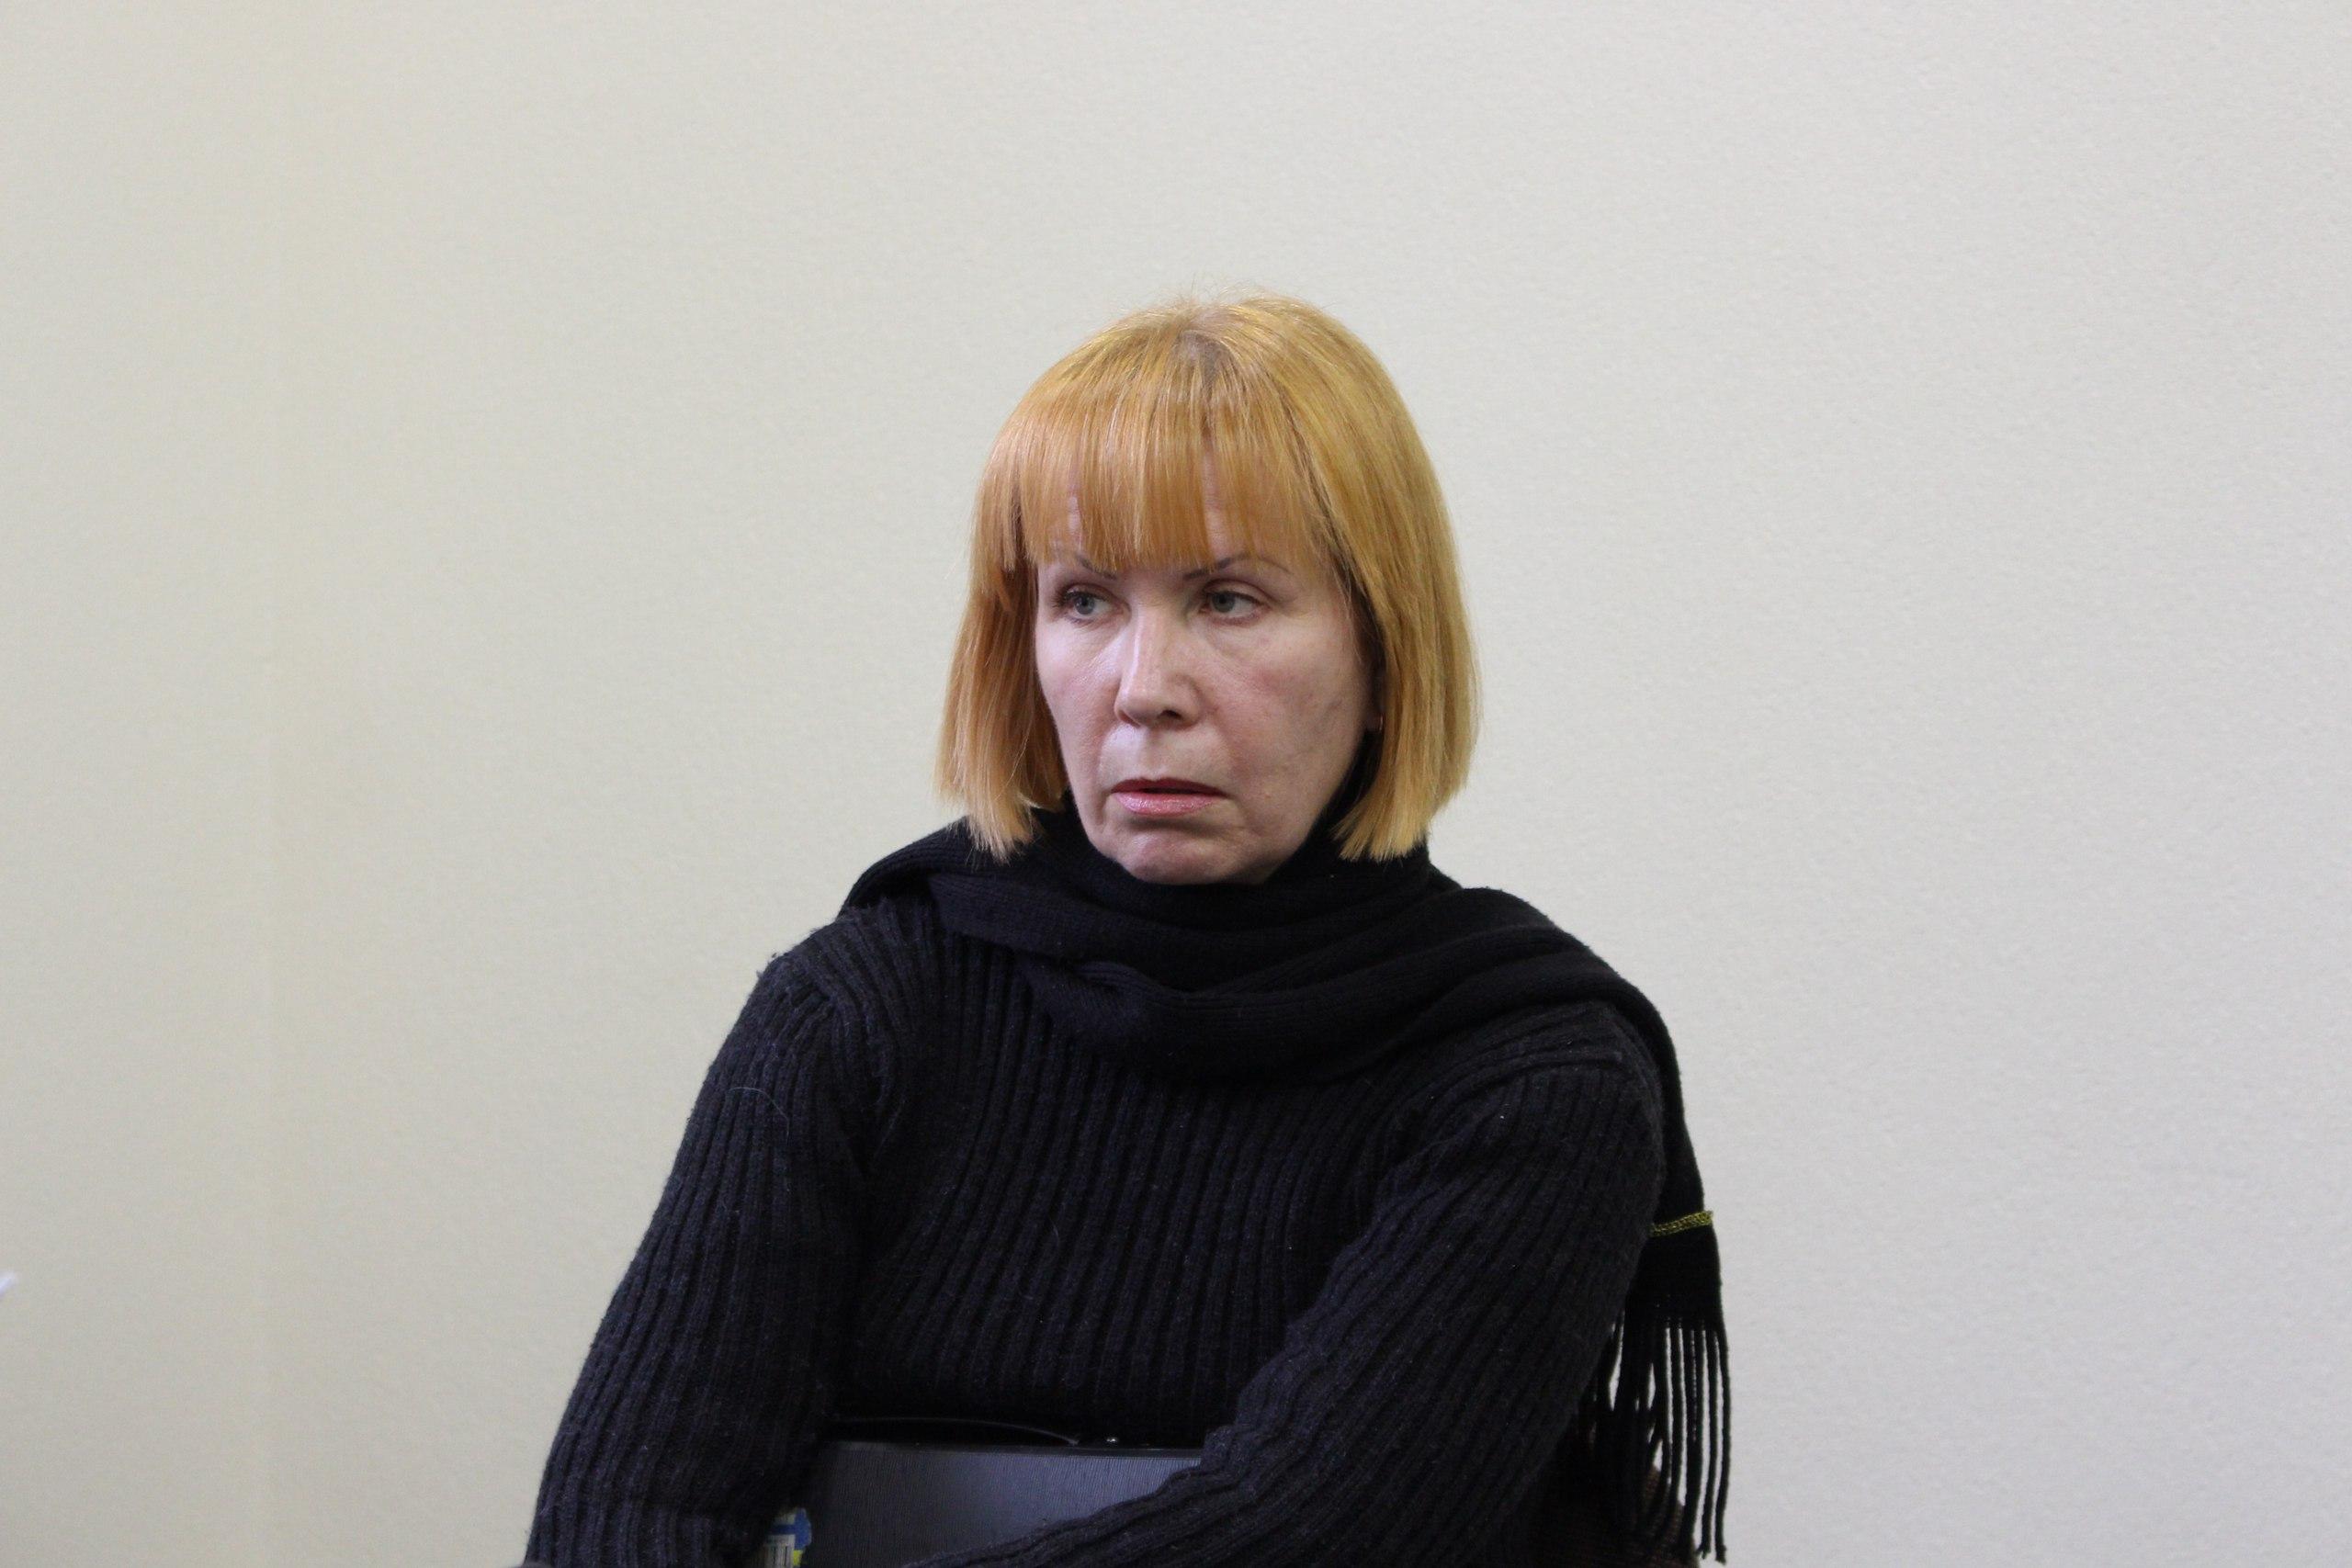 Миколаївці вимагають світлофор на перехрестя зі смертельними ДТП